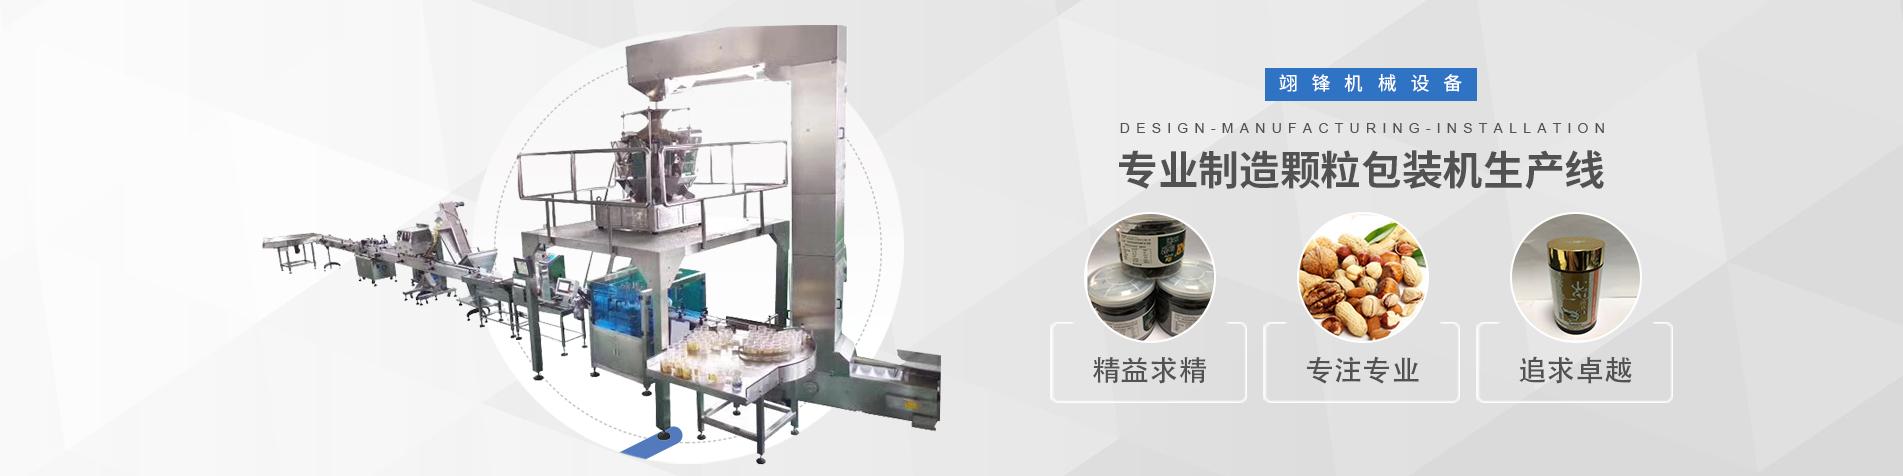 翊锋弘自动化设备(上海)有限公司